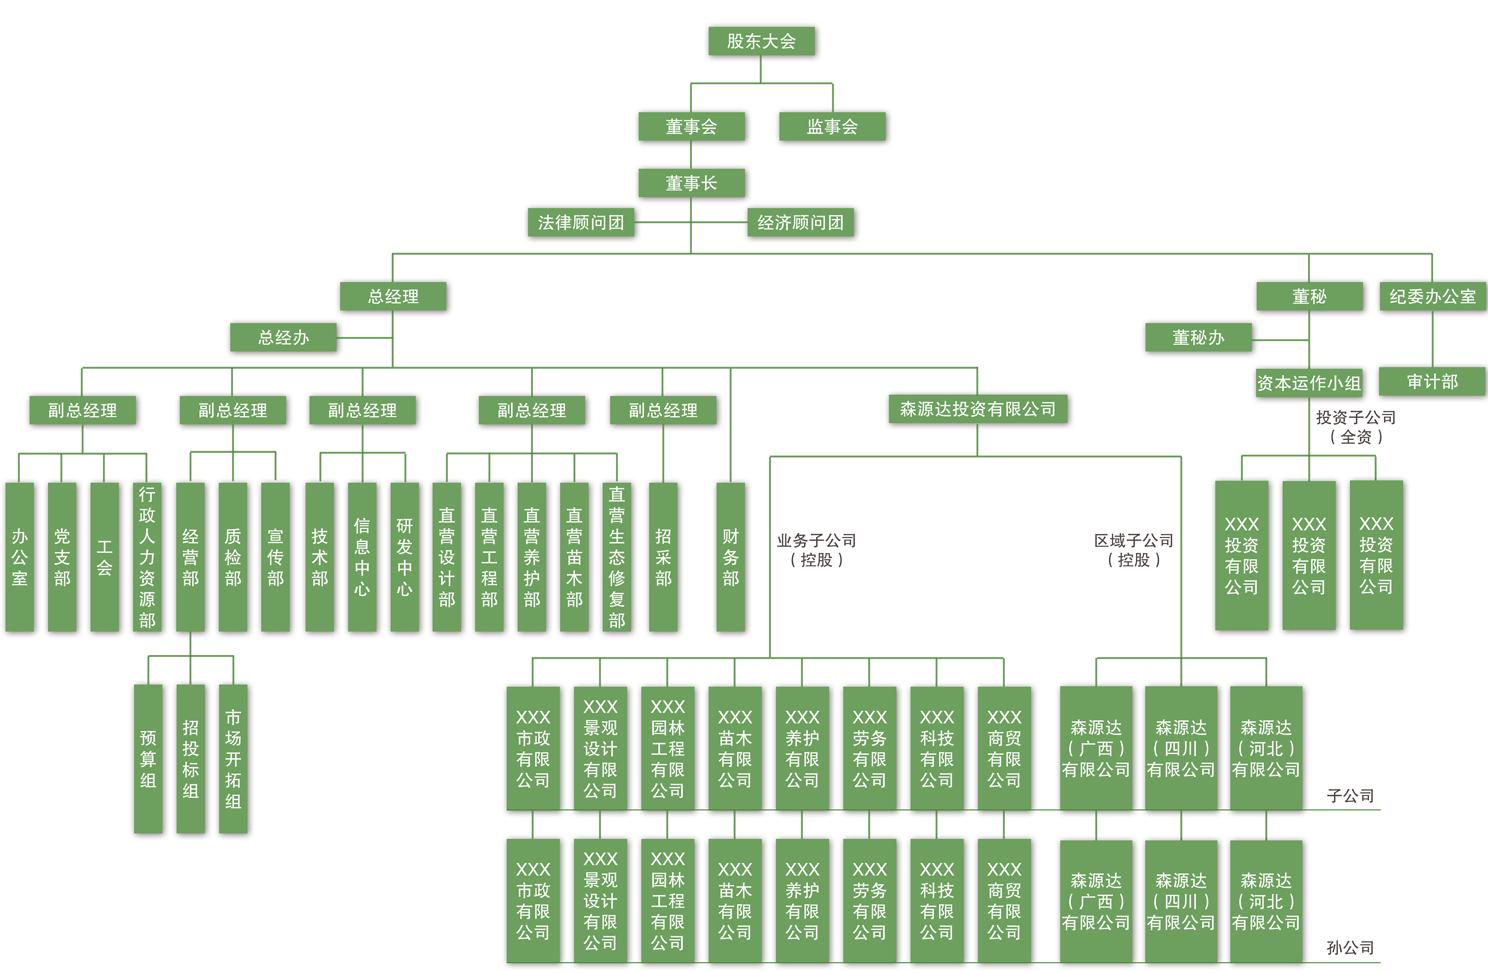 组织架构图2018.3.8.jpg